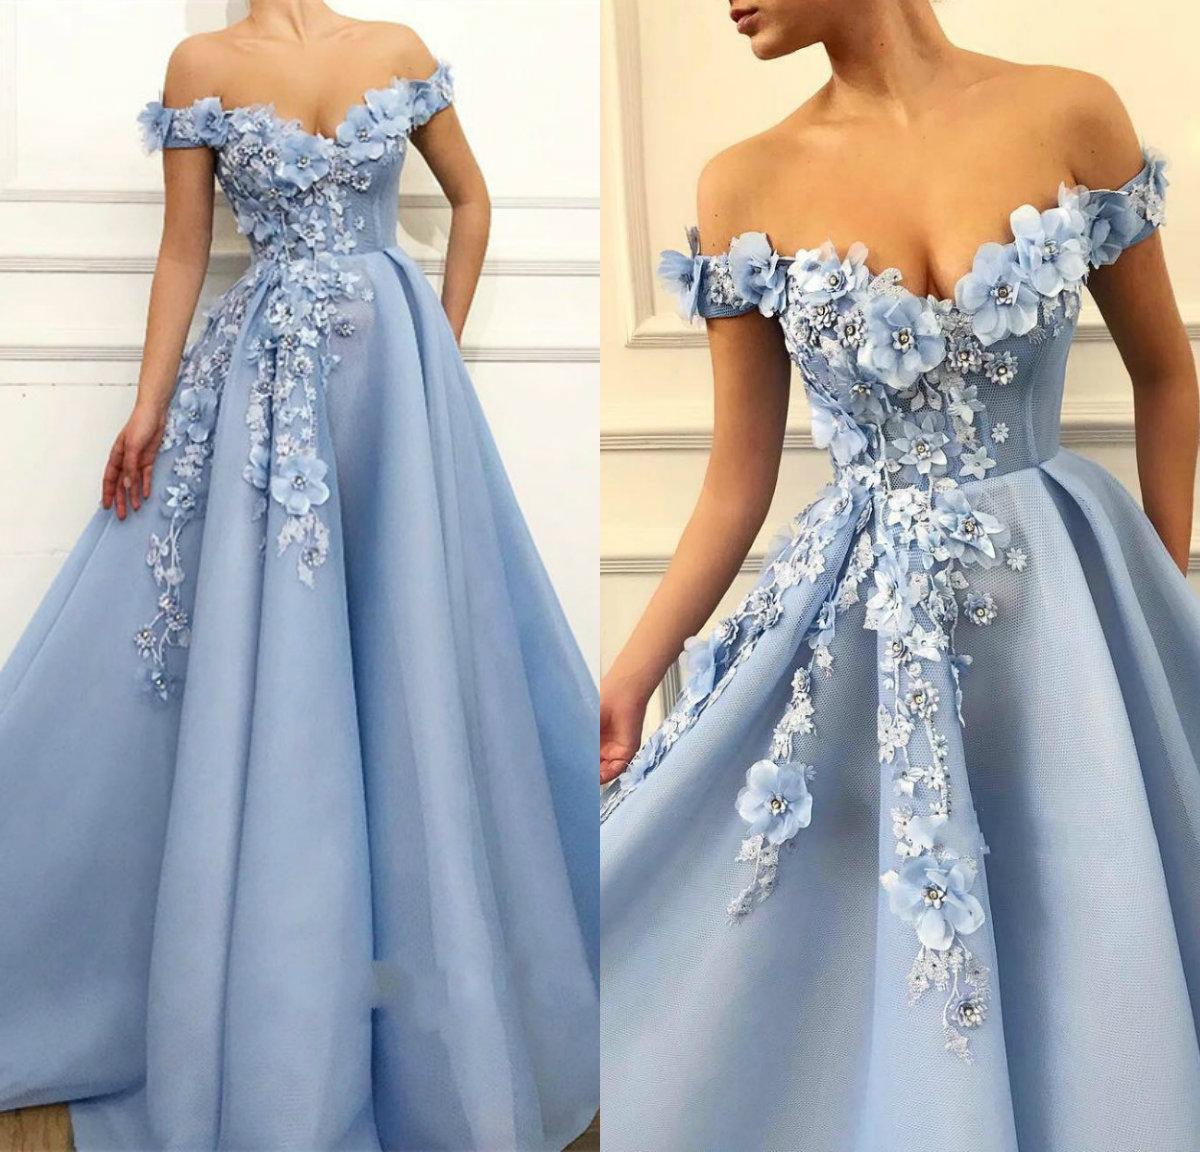 Rabatt Elegante Kleider Für Besondere Anlässe  16 Elegante